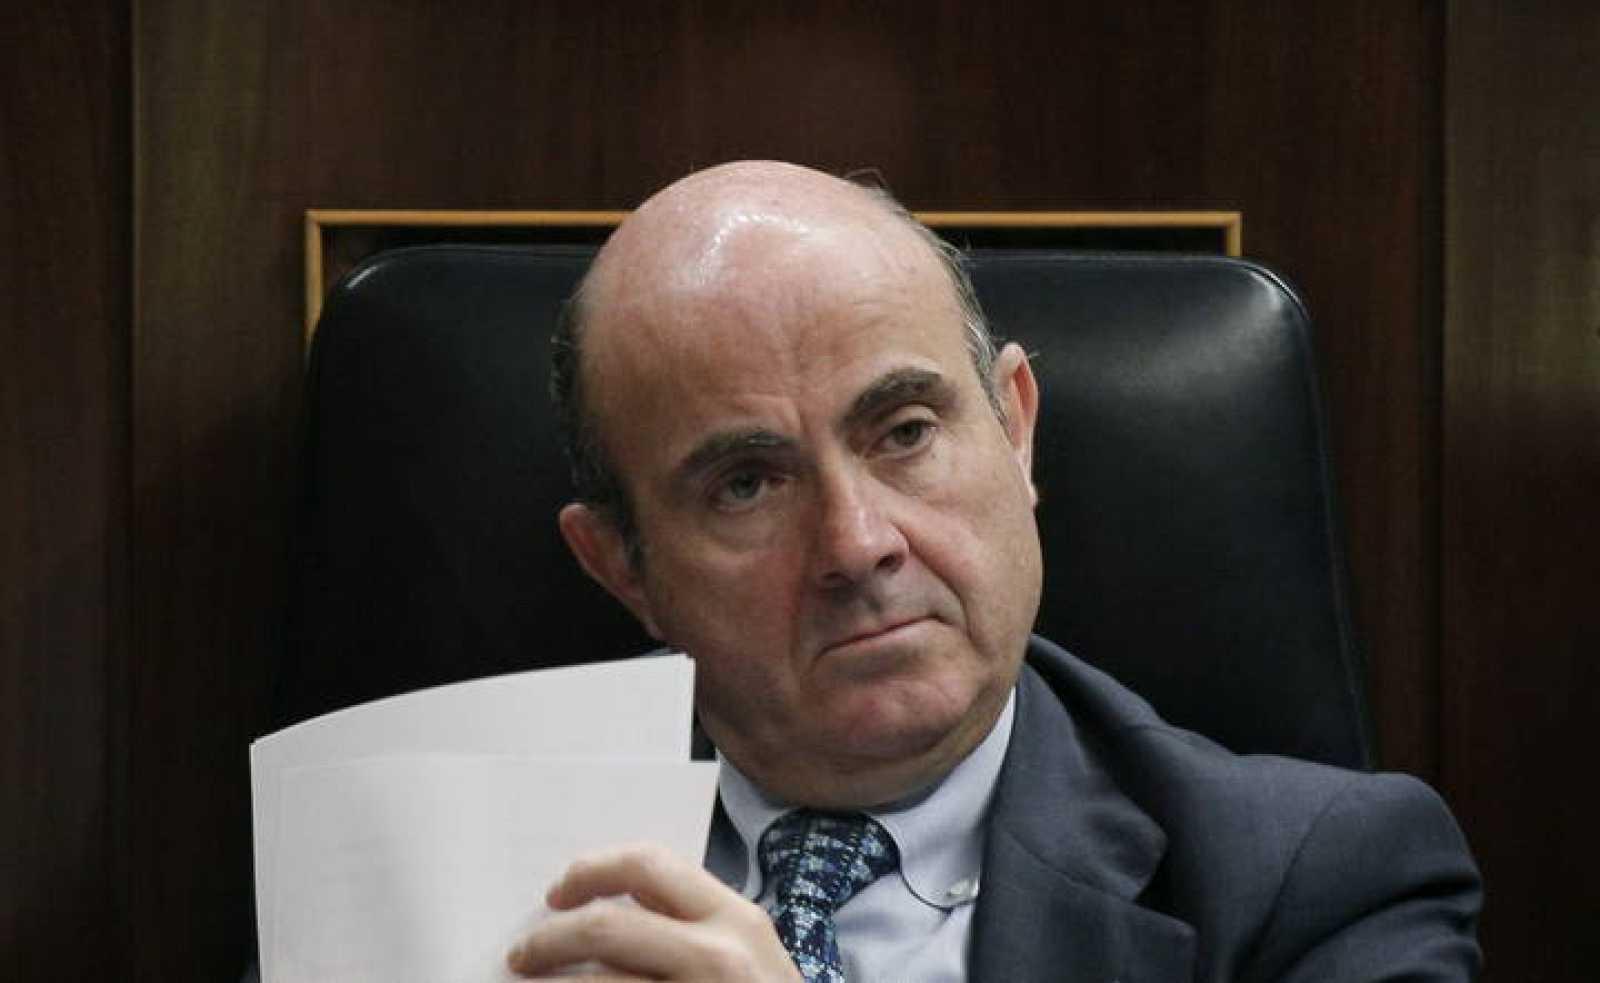 El ministro de Economía y Competitividad, Luis de Guindos, durante el Pleno del Congreso